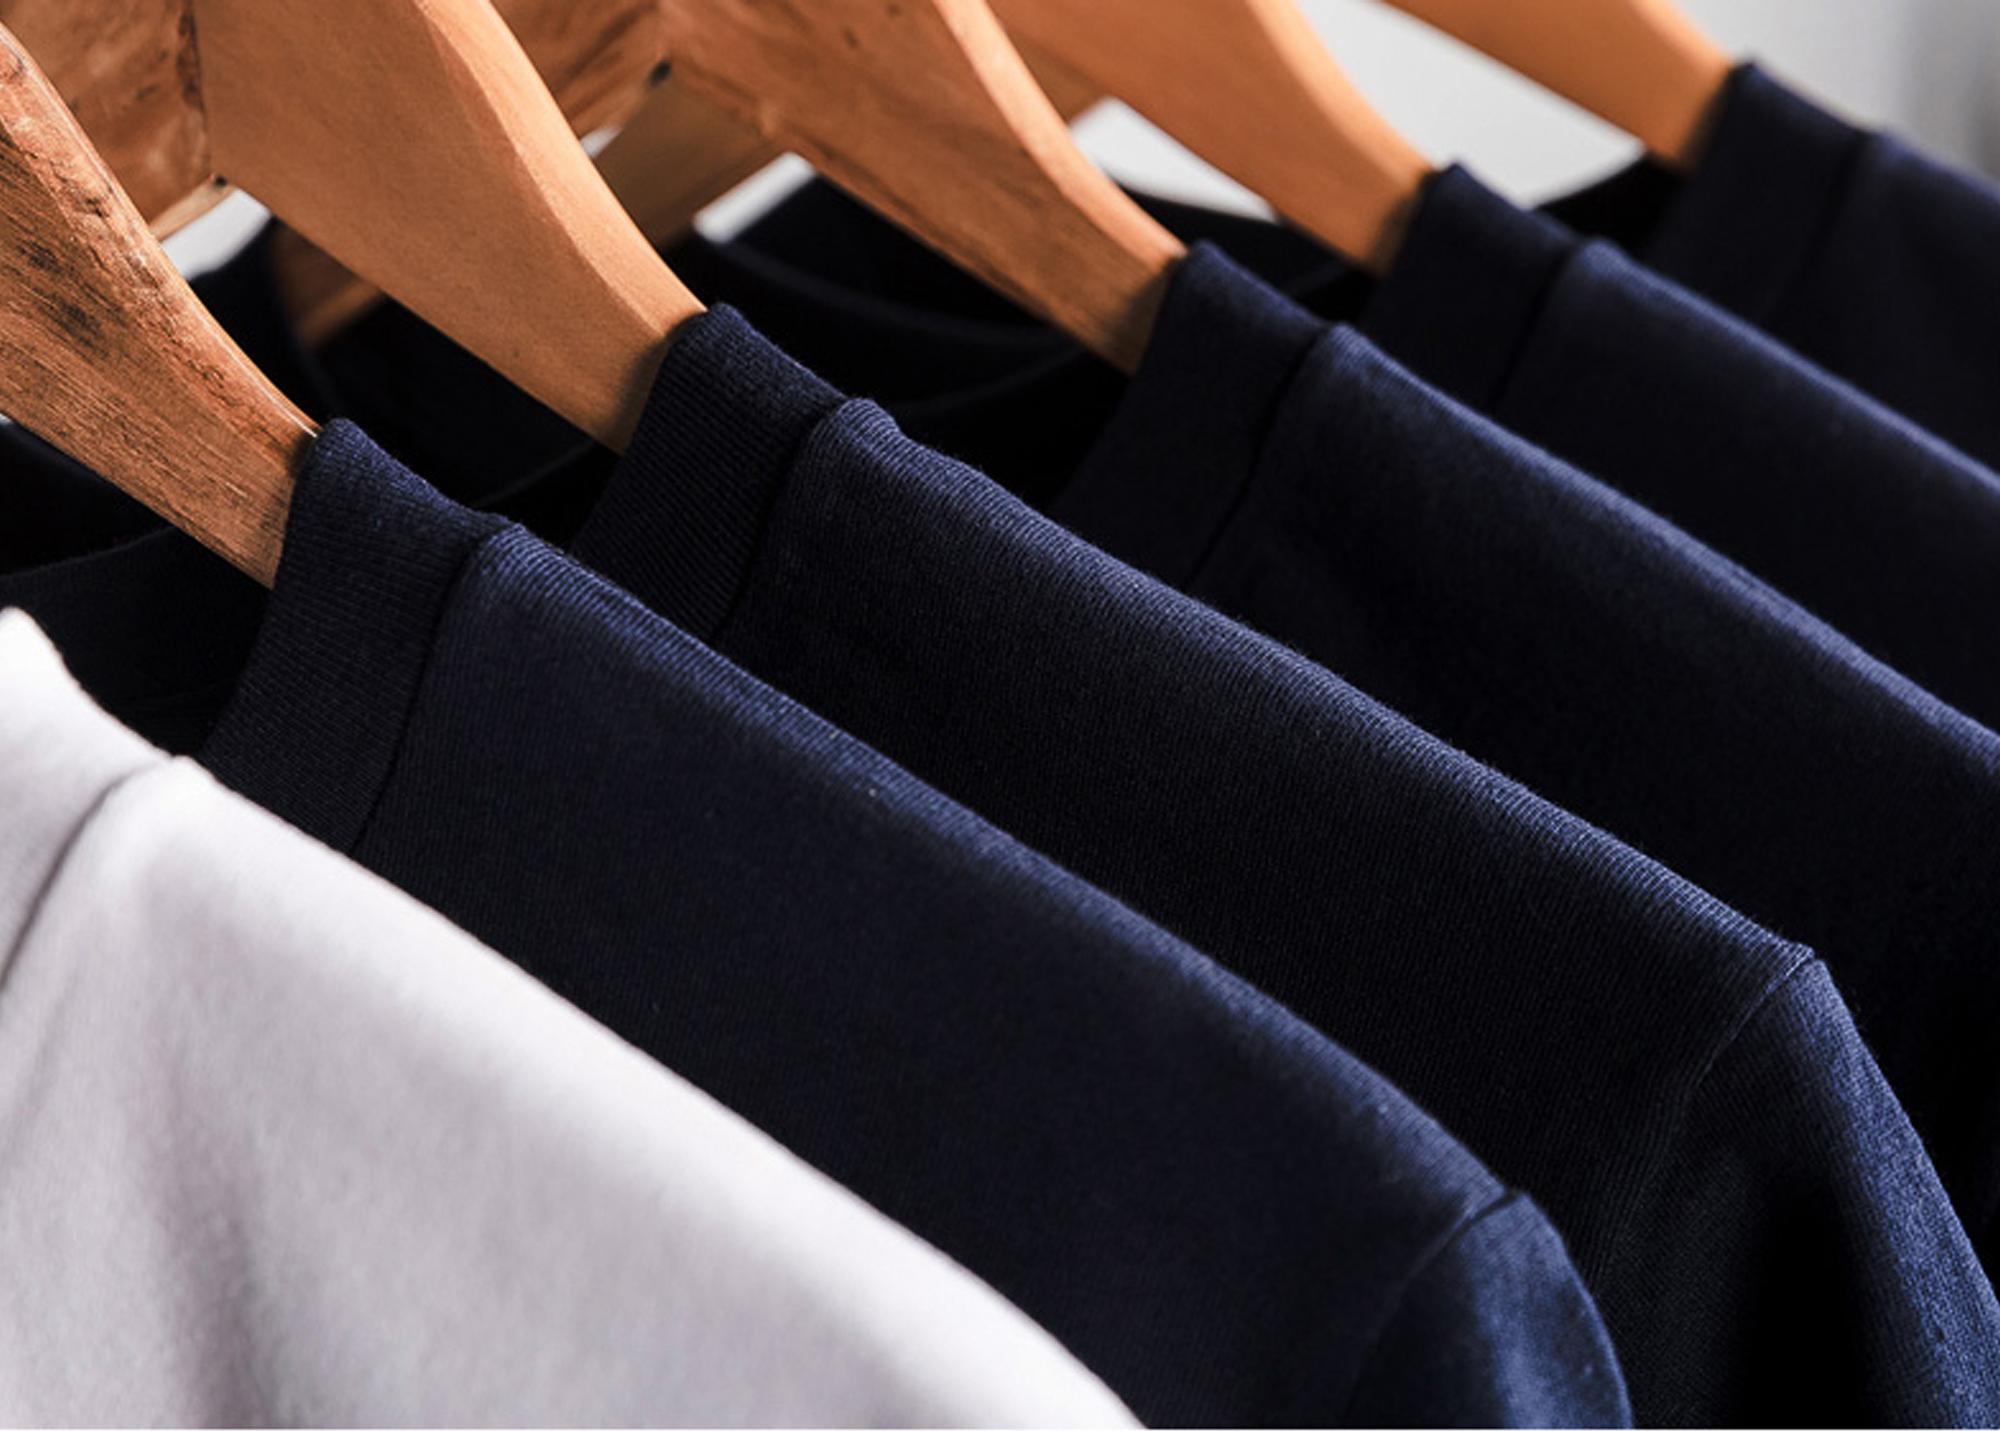 Hình ảnh Áo Thun Nam Unisex thiết kế hình trơn 2 màu Đen / Trắng basic thương hiệu Japas Cotton Ai Cập 190gram, áo phông cổ tròn basic cộc tay thoáng mát, thấm hút mồ hôi - Hàng chính hãng